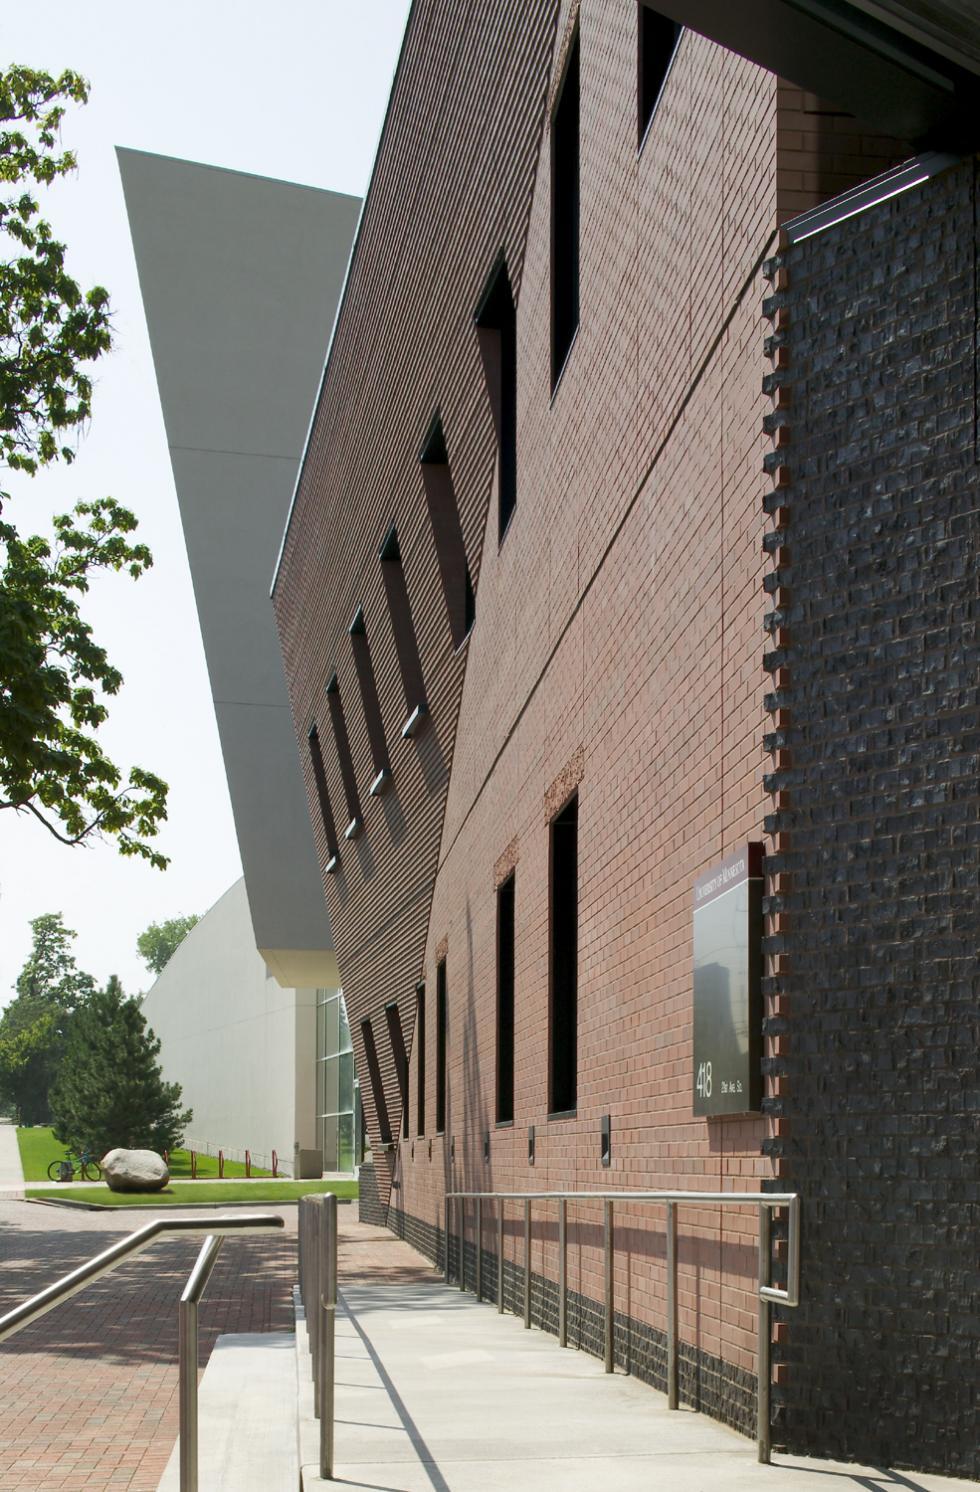 Regis Art Center